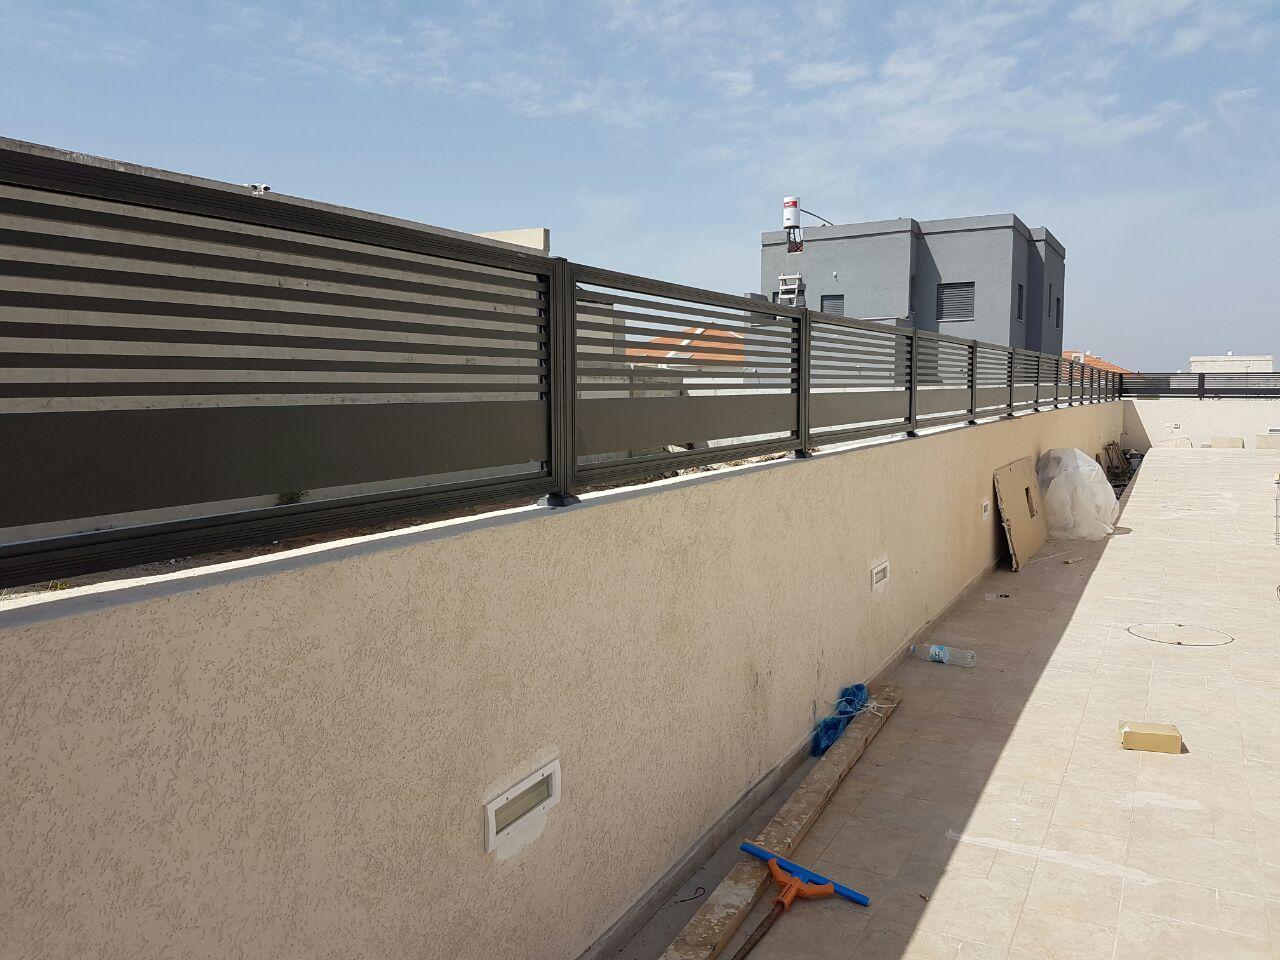 גדרות - גדרות סטריפים - גדר אלומיניום דגם סטריפים בשילוב הייטק